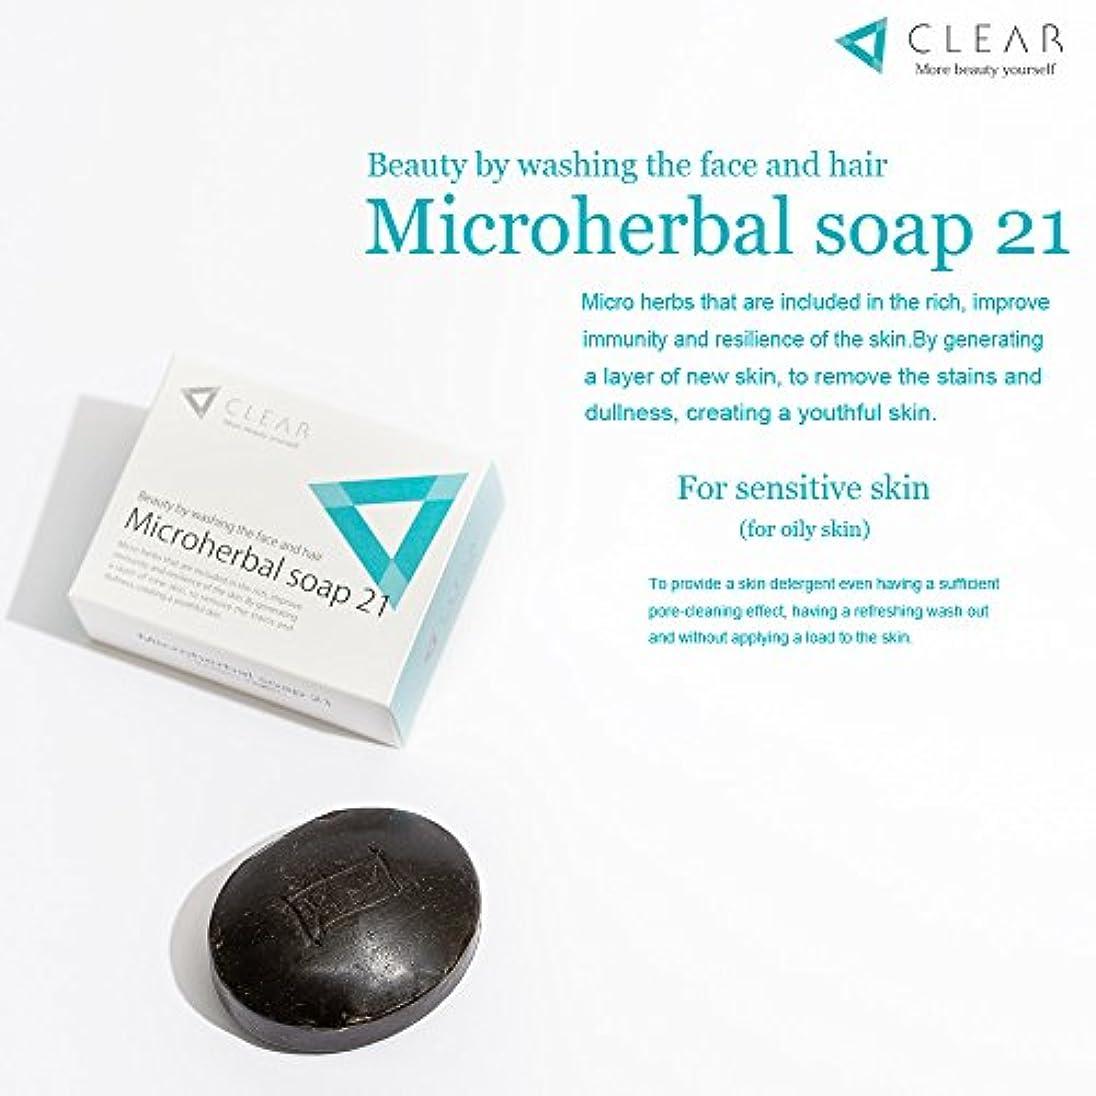 じゃない高齢者肘「マイクロハーブ石鹸21?敏感肌用」(敏感肌にやさしくすっきり肌と頭皮ケア)94g/個